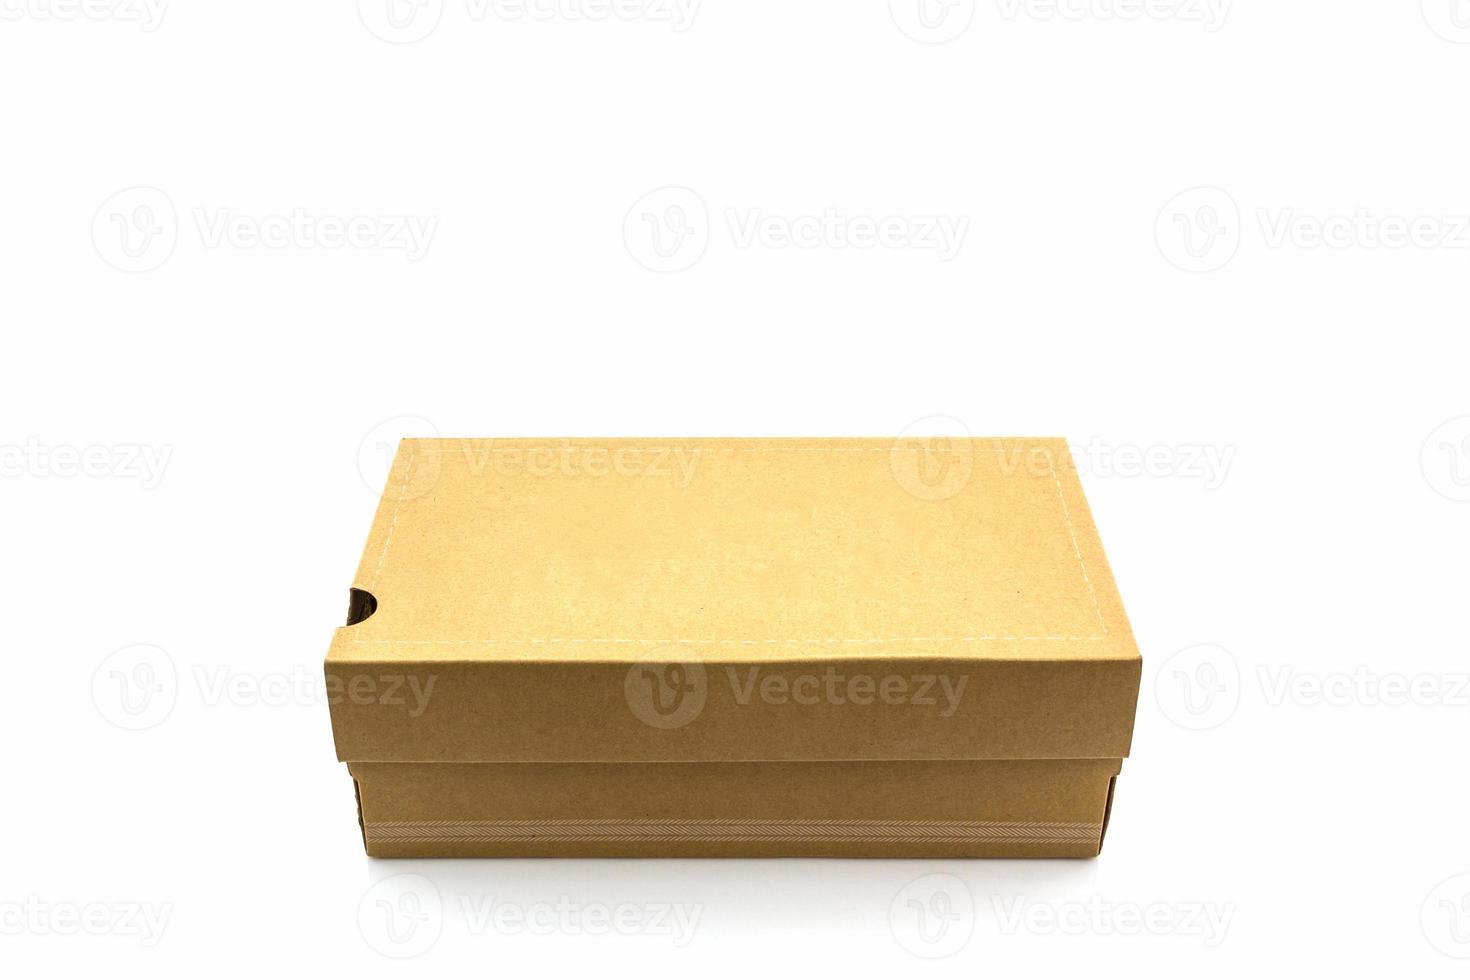 Caja de zapatos marrón sobre fondo blanco con trazado de recorte. foto